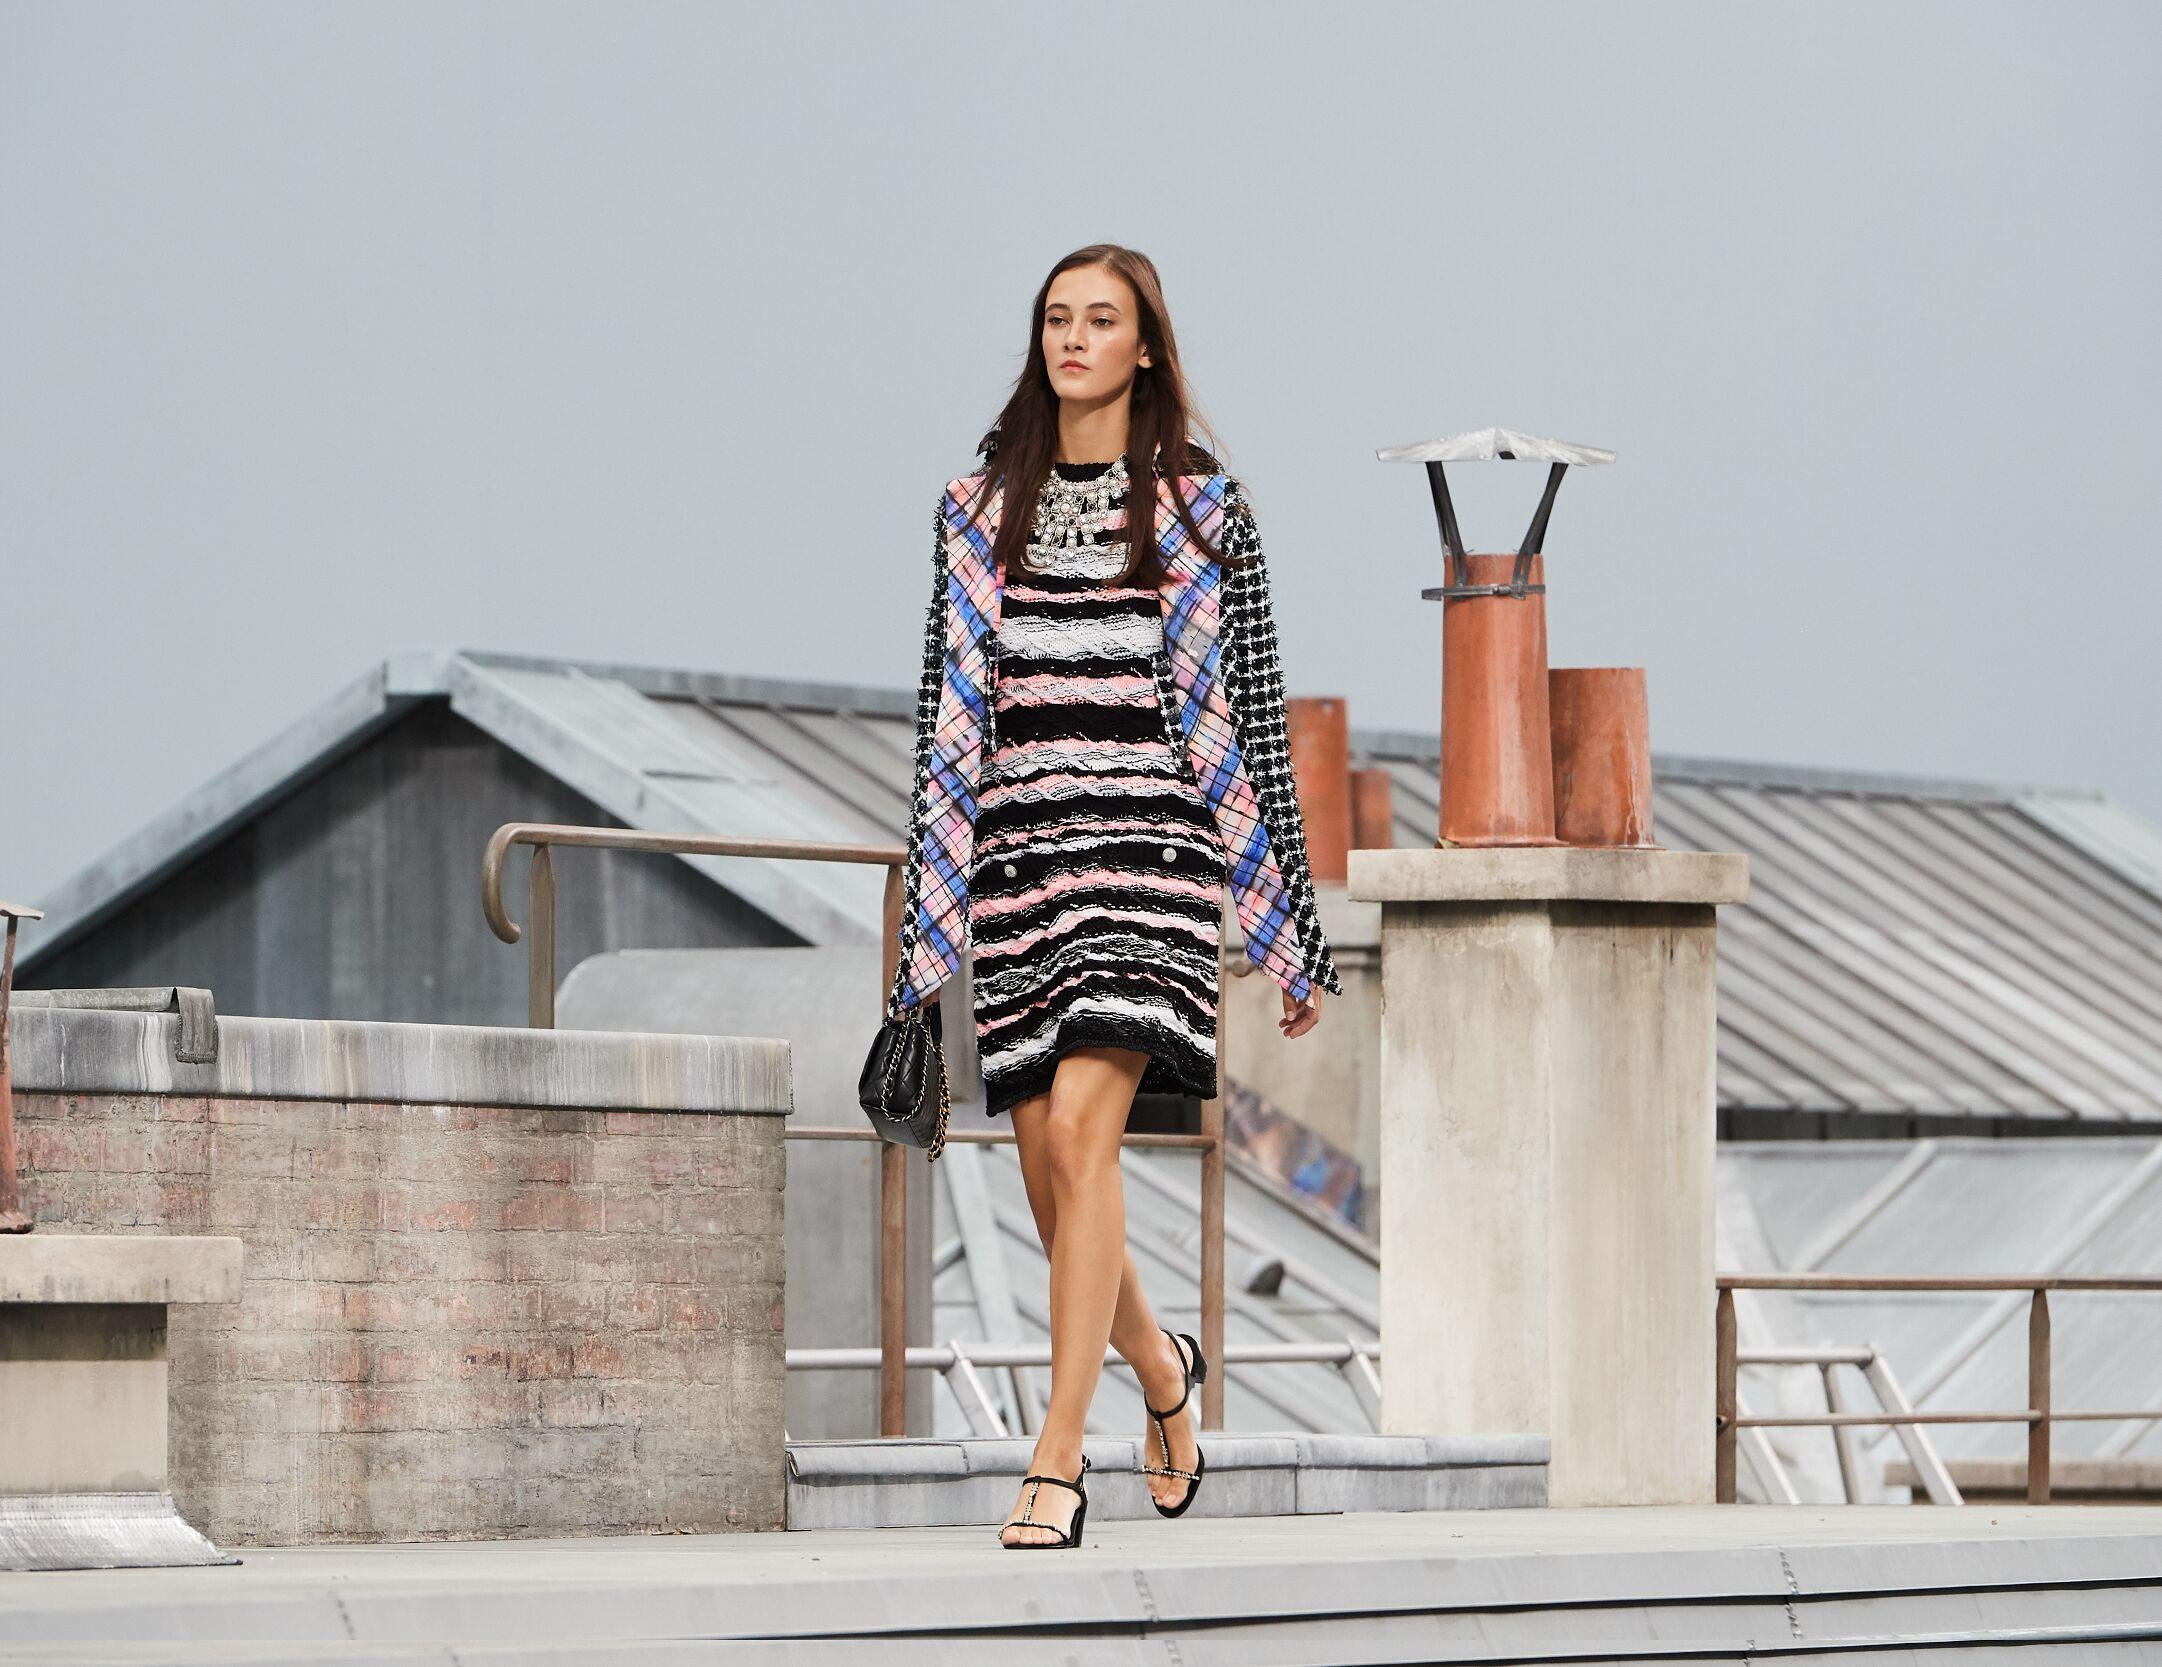 Chanel SS 2020 Womenswear